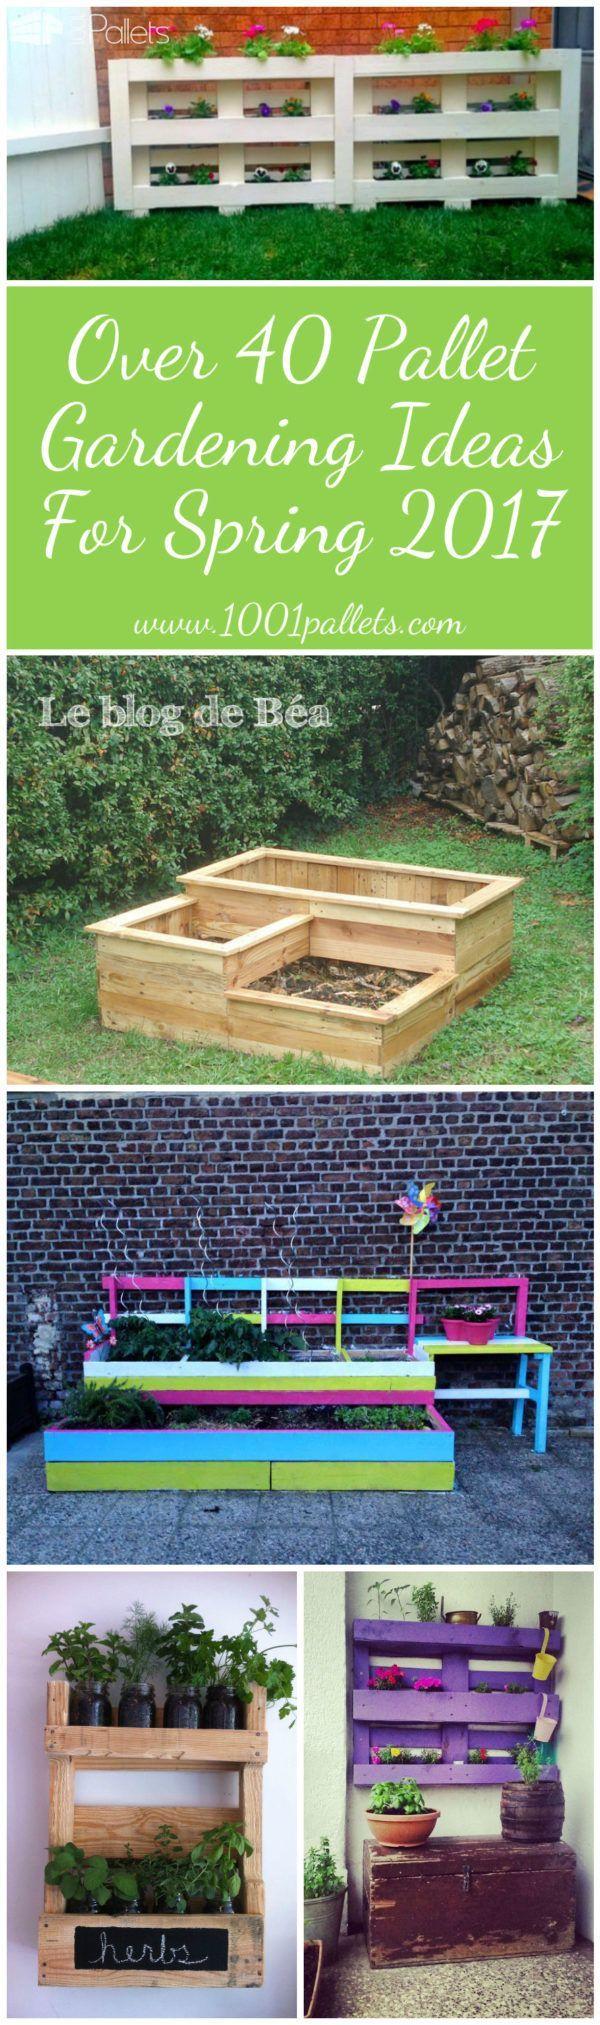 672 best pallets garden & patio images on pinterest | gardening